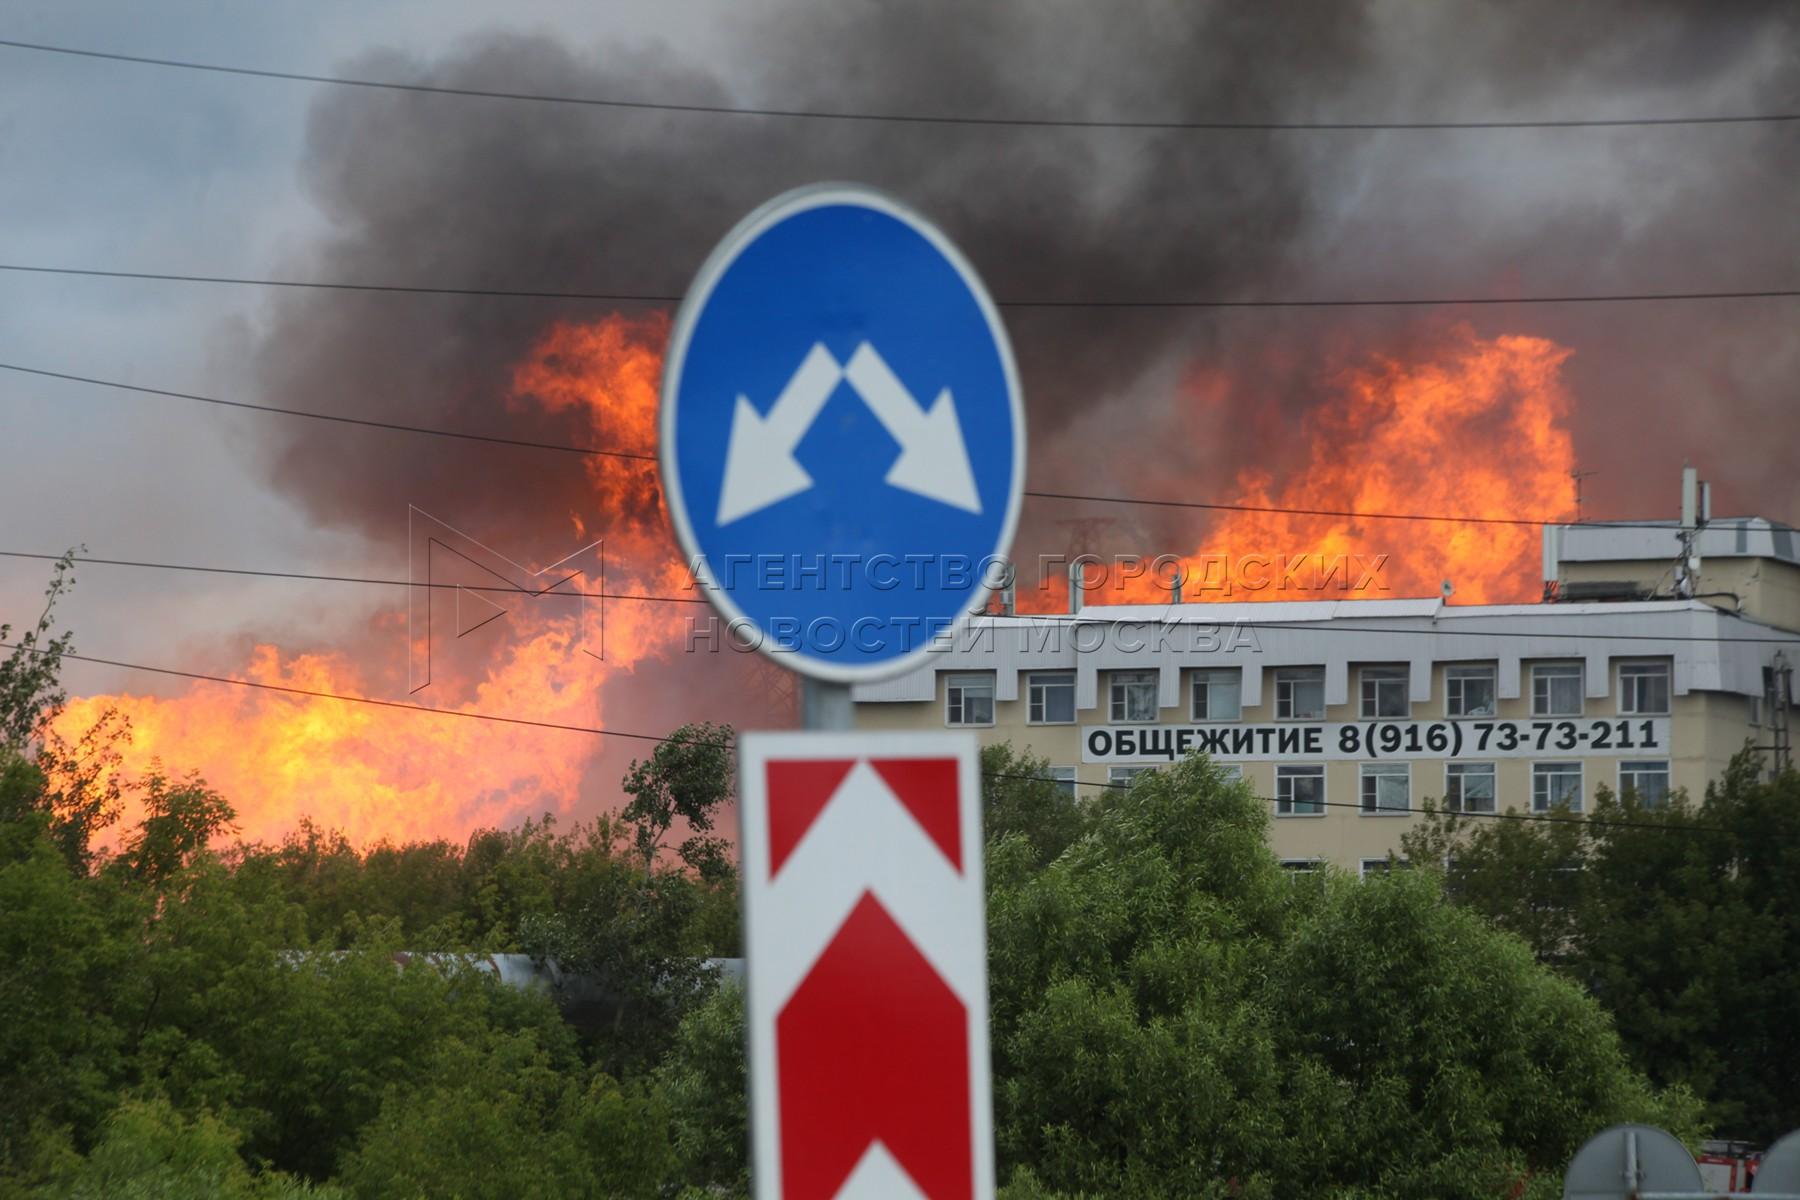 Пожар в районе Северной ТЭЦ в Мытищах.